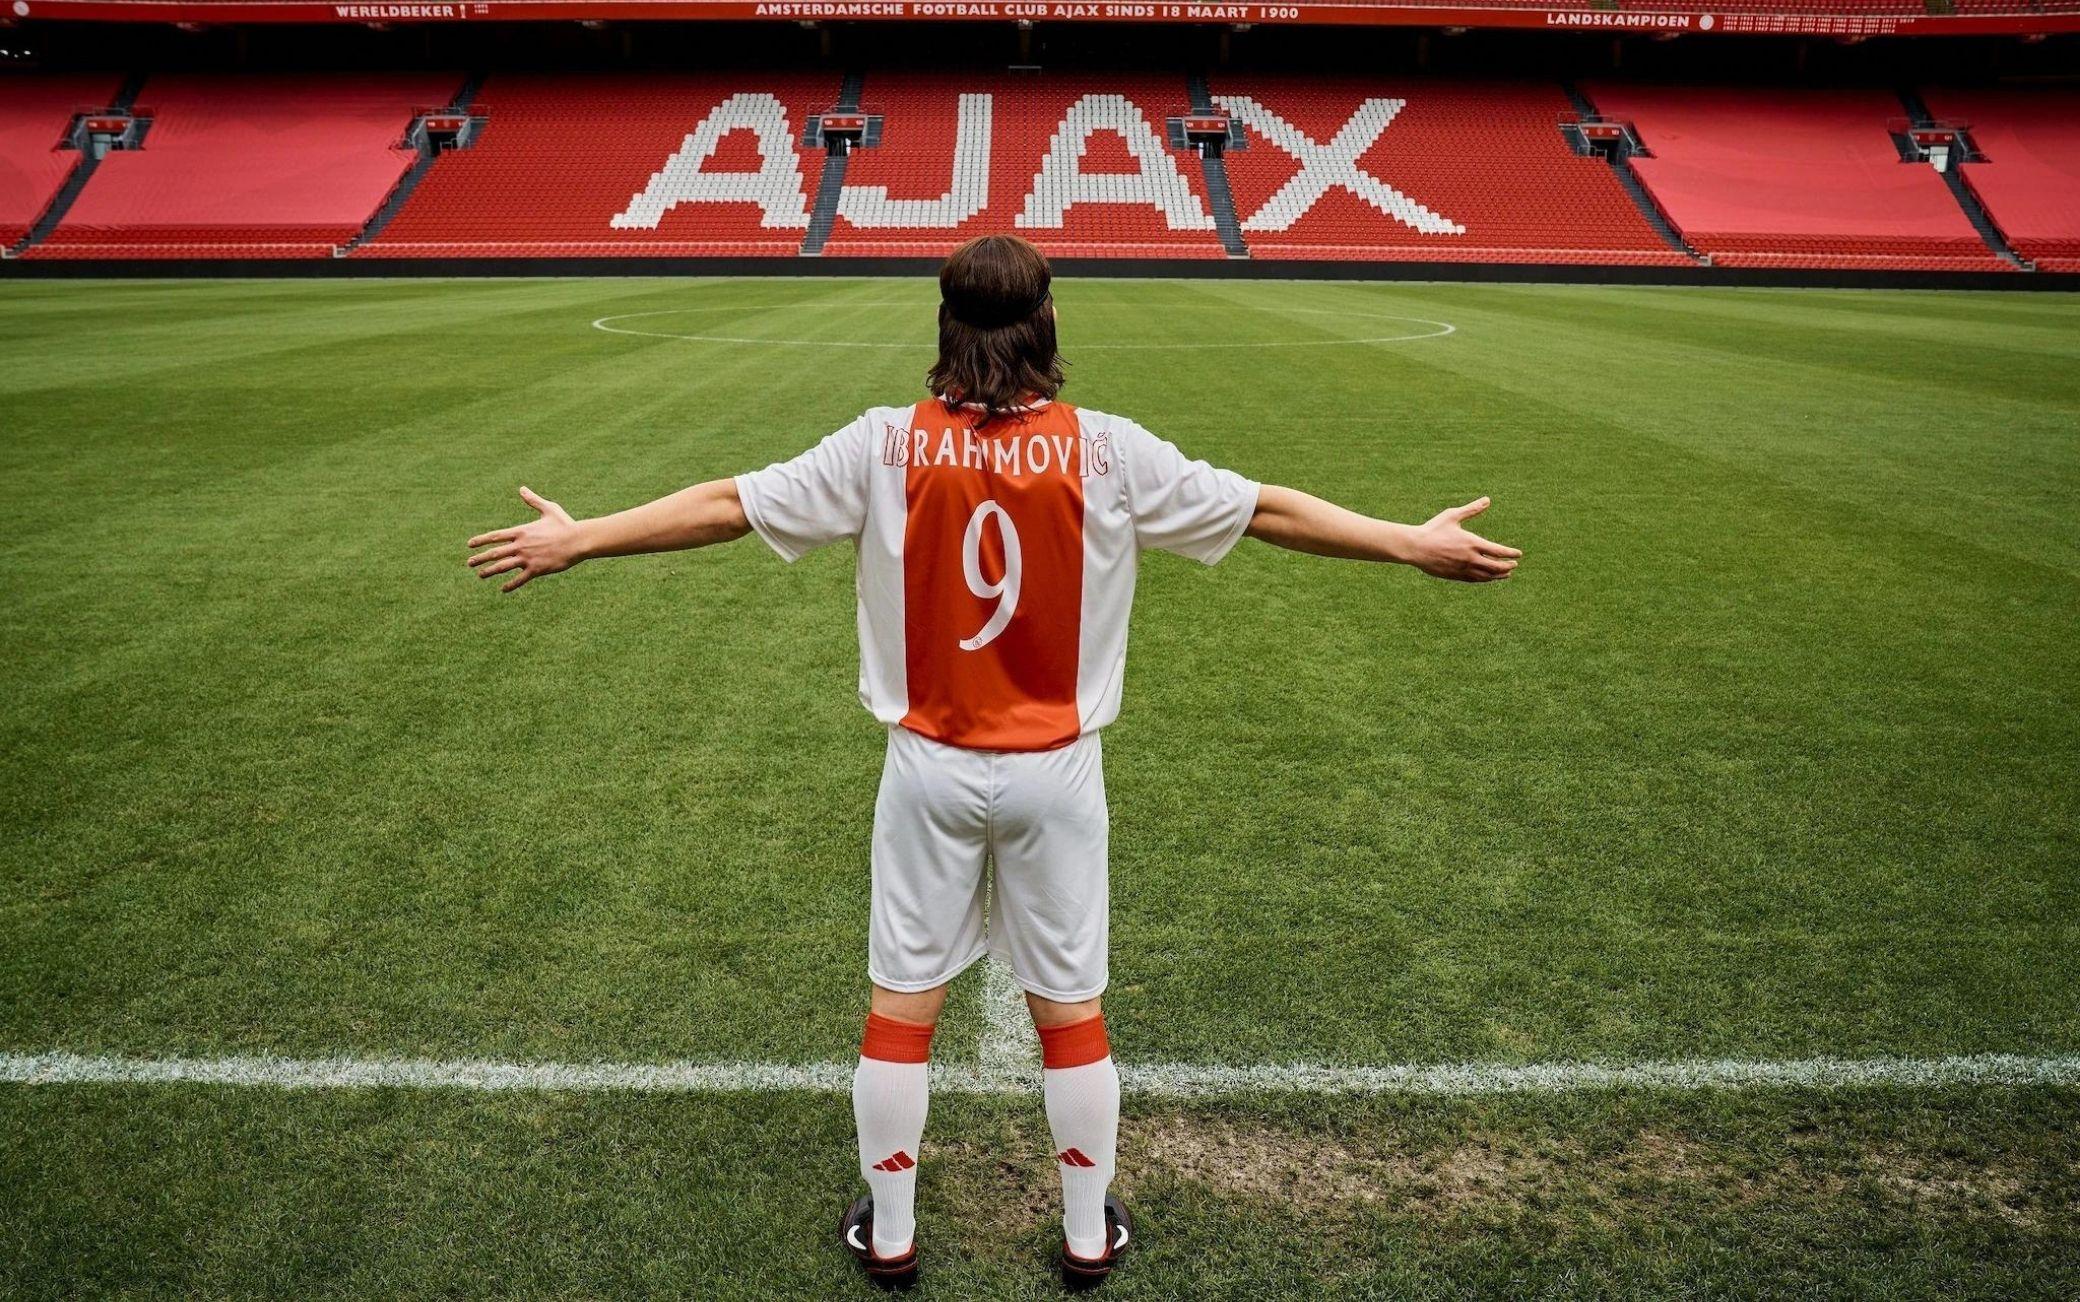 #RomaFF16: I am Zlatan, la recensione